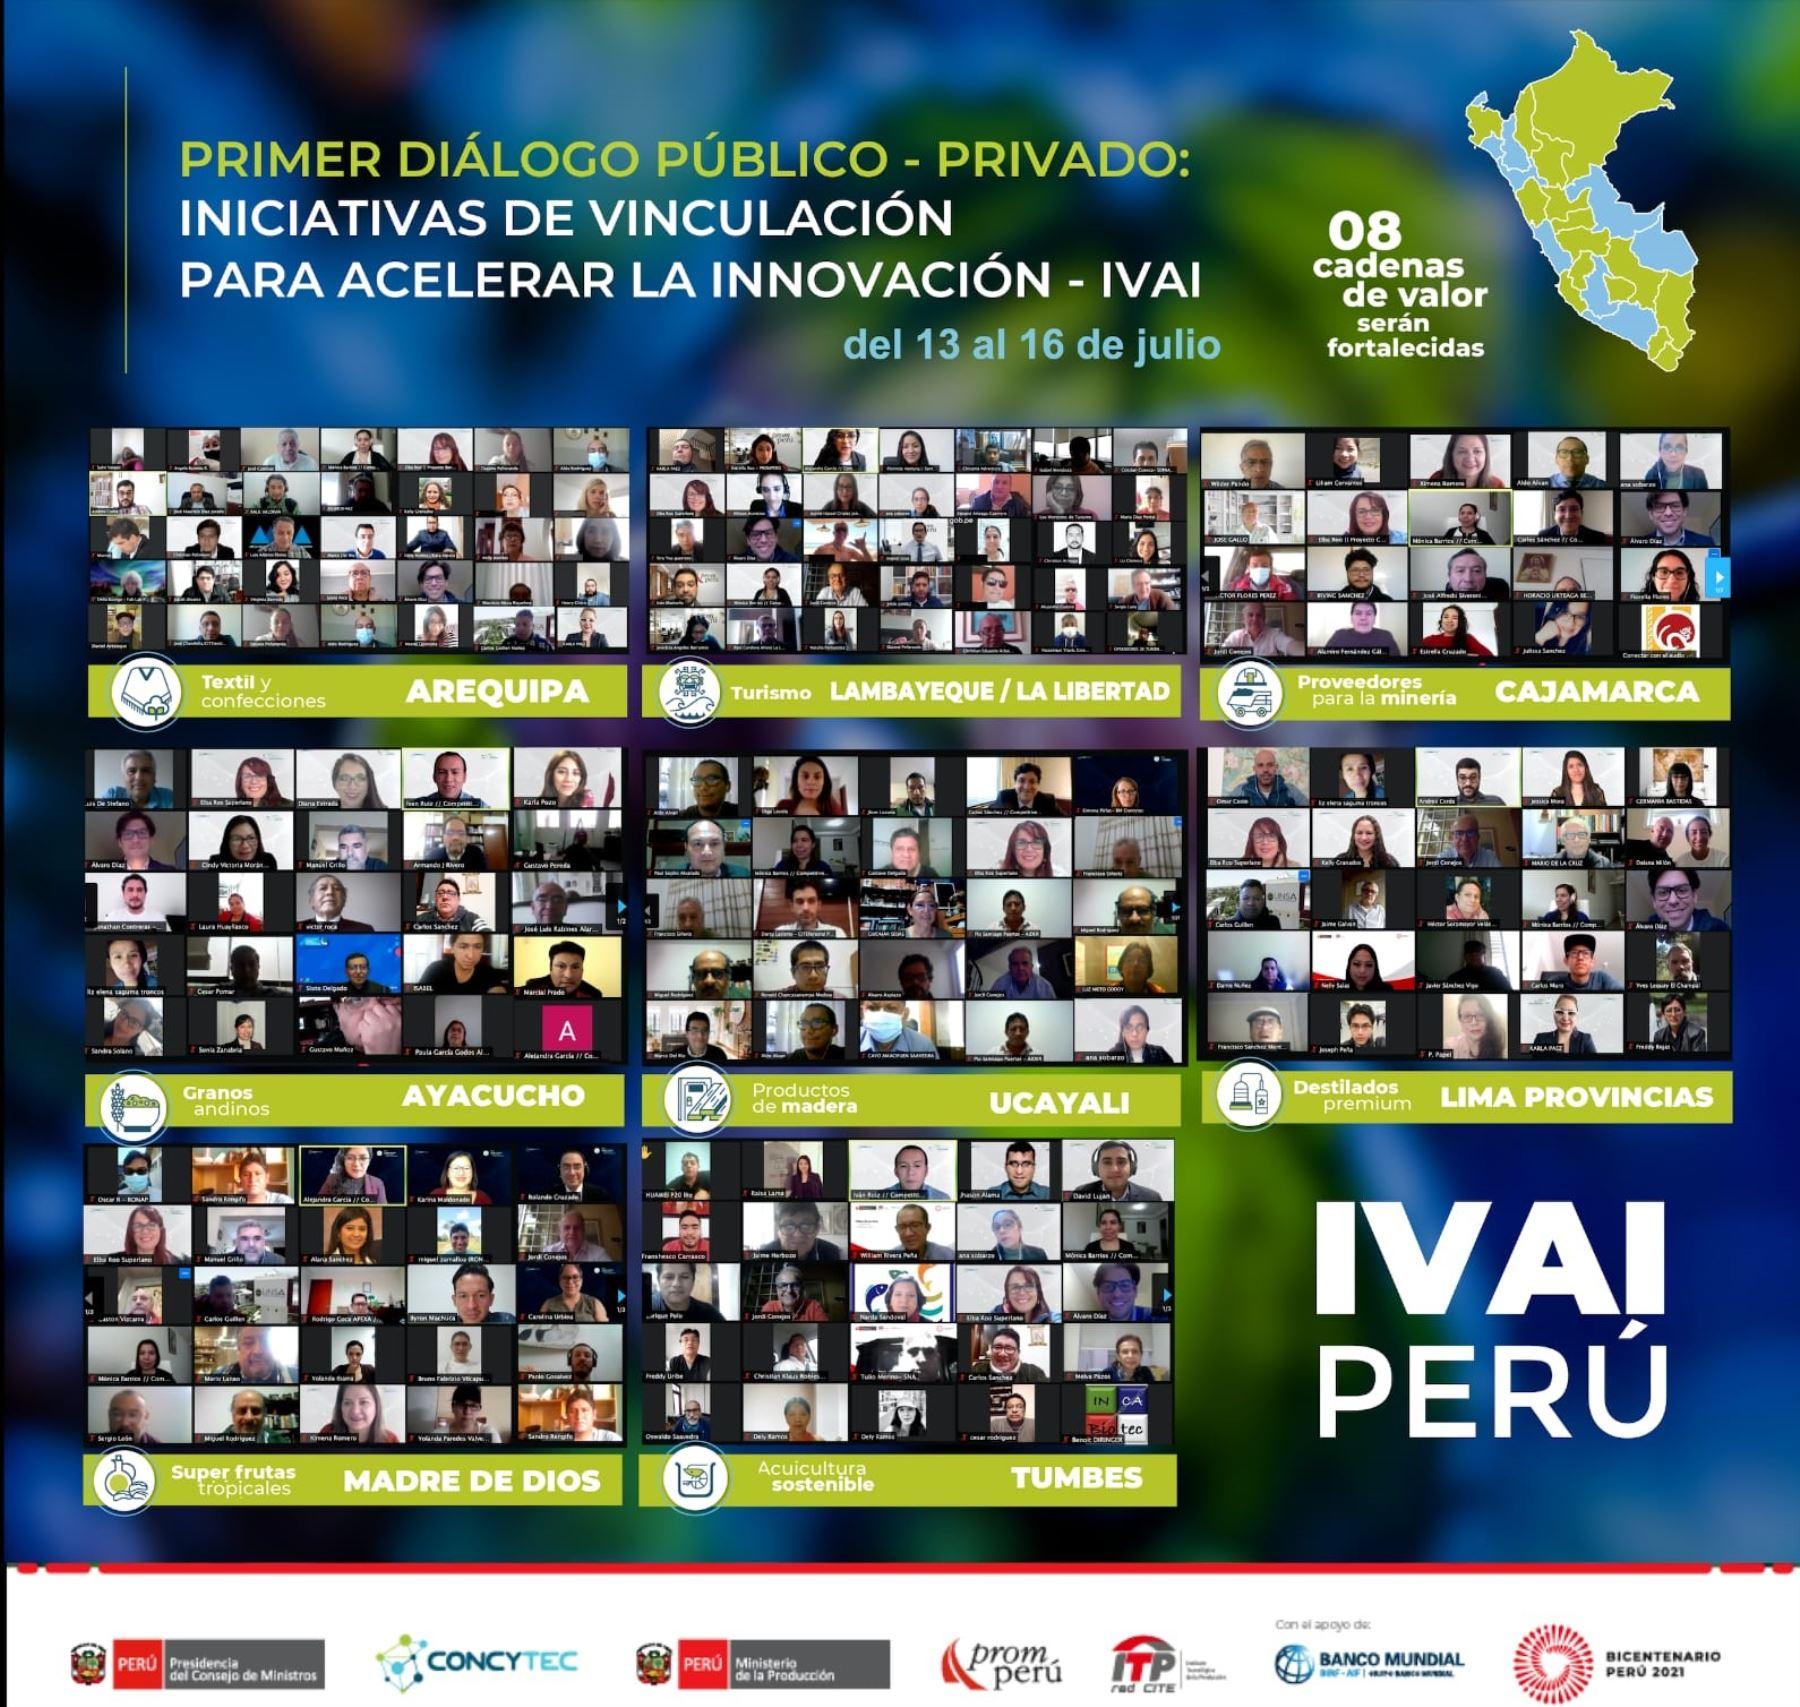 Diálogos para agilizar innovación en varias regiones reunió a más de 400 asistentes